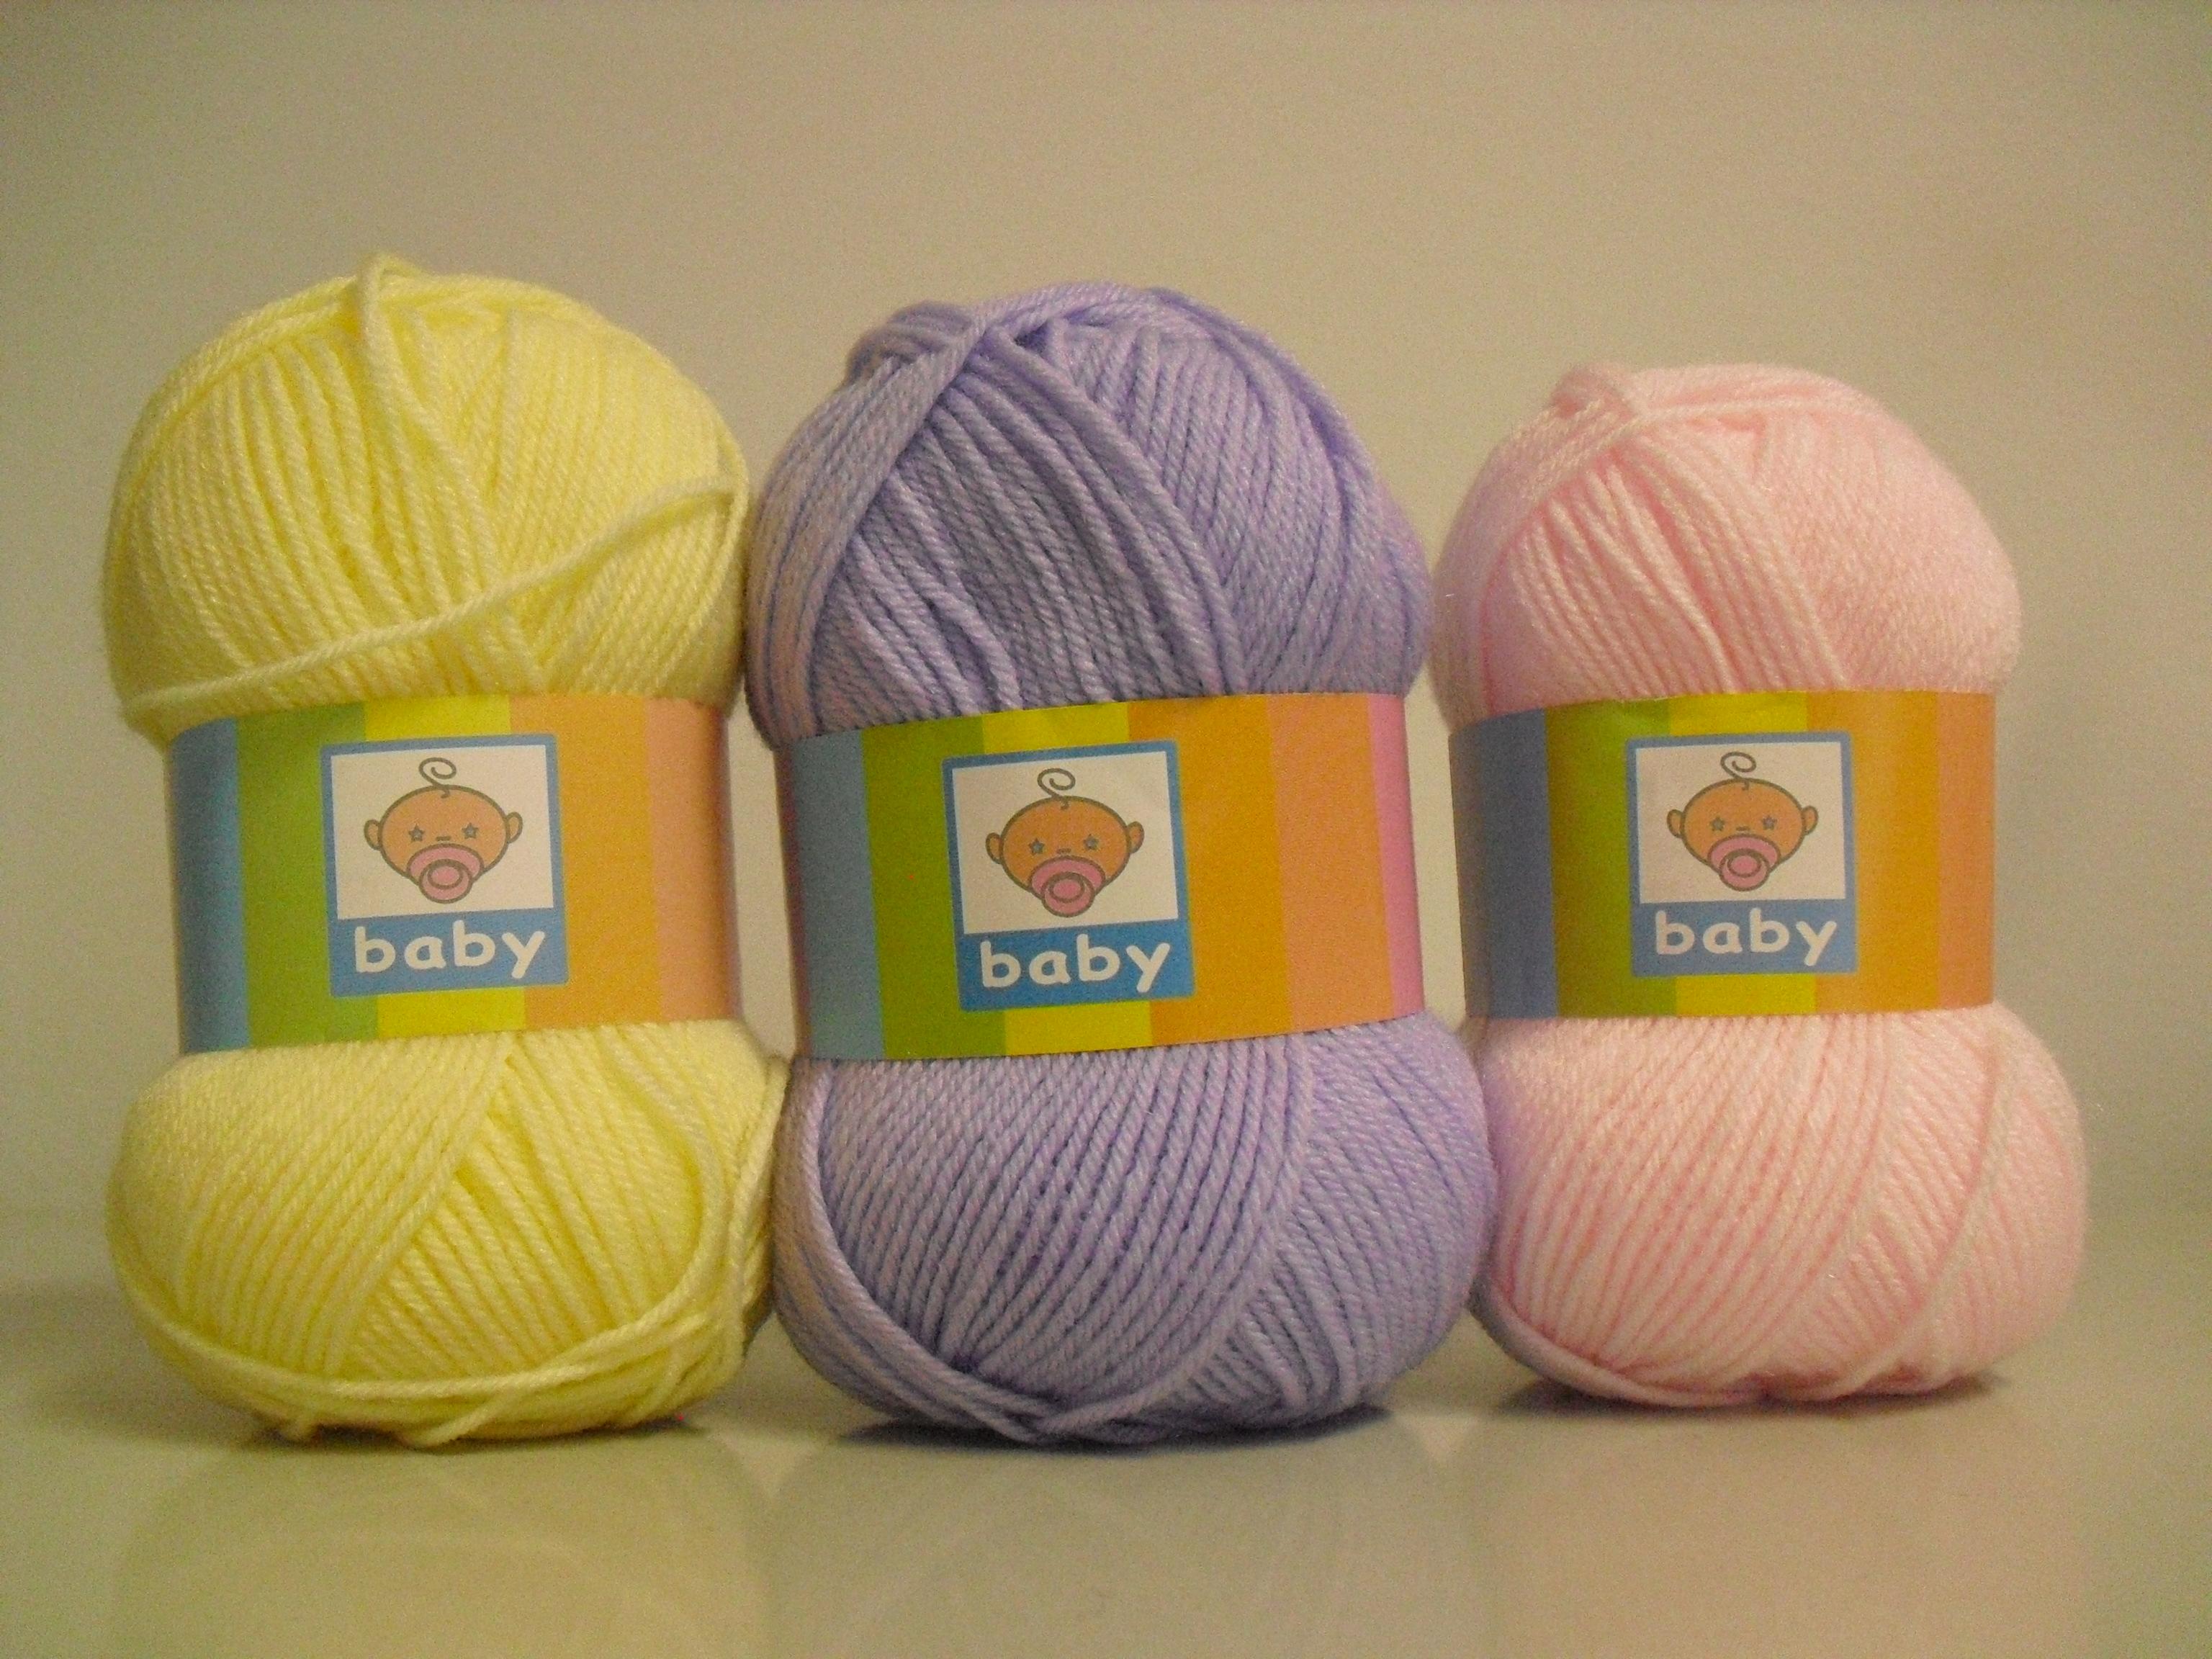 Lã utilizada na confeção dos cachecóis infantis